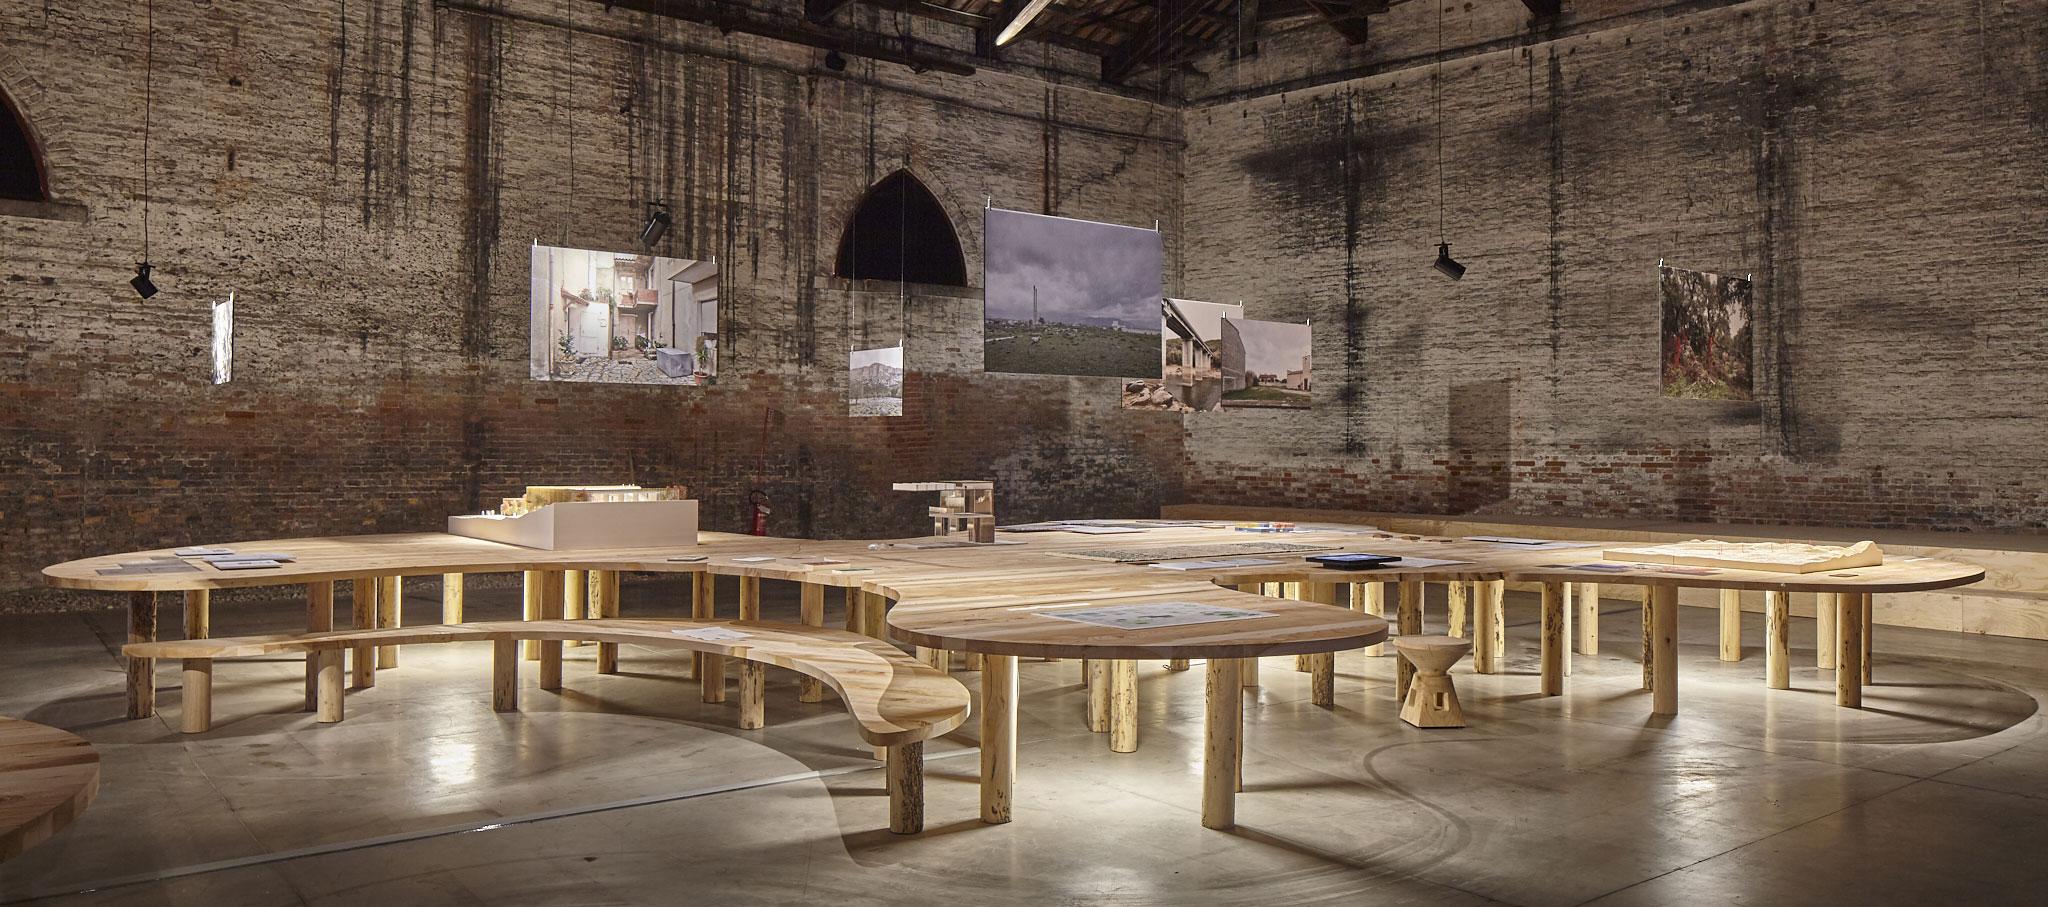 Pabellón de Italia en ela Bienal de Venecia. Padiglione Italia, Fotografía © Urban Reports